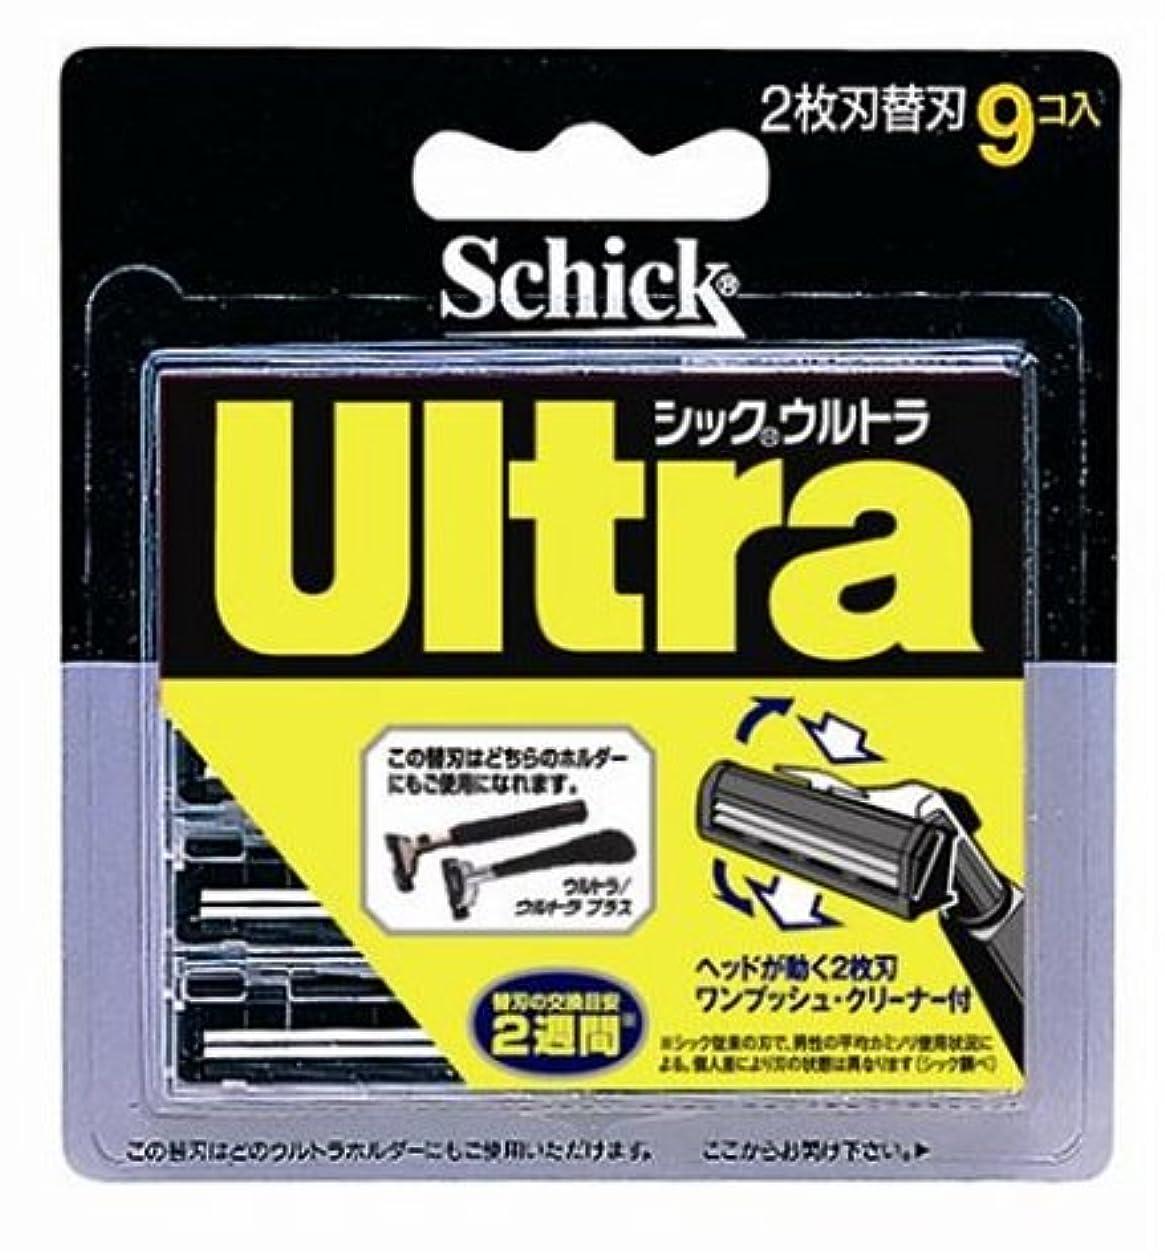 運命的なペンポールシック Schick ウルトラ 替刃 TRー9